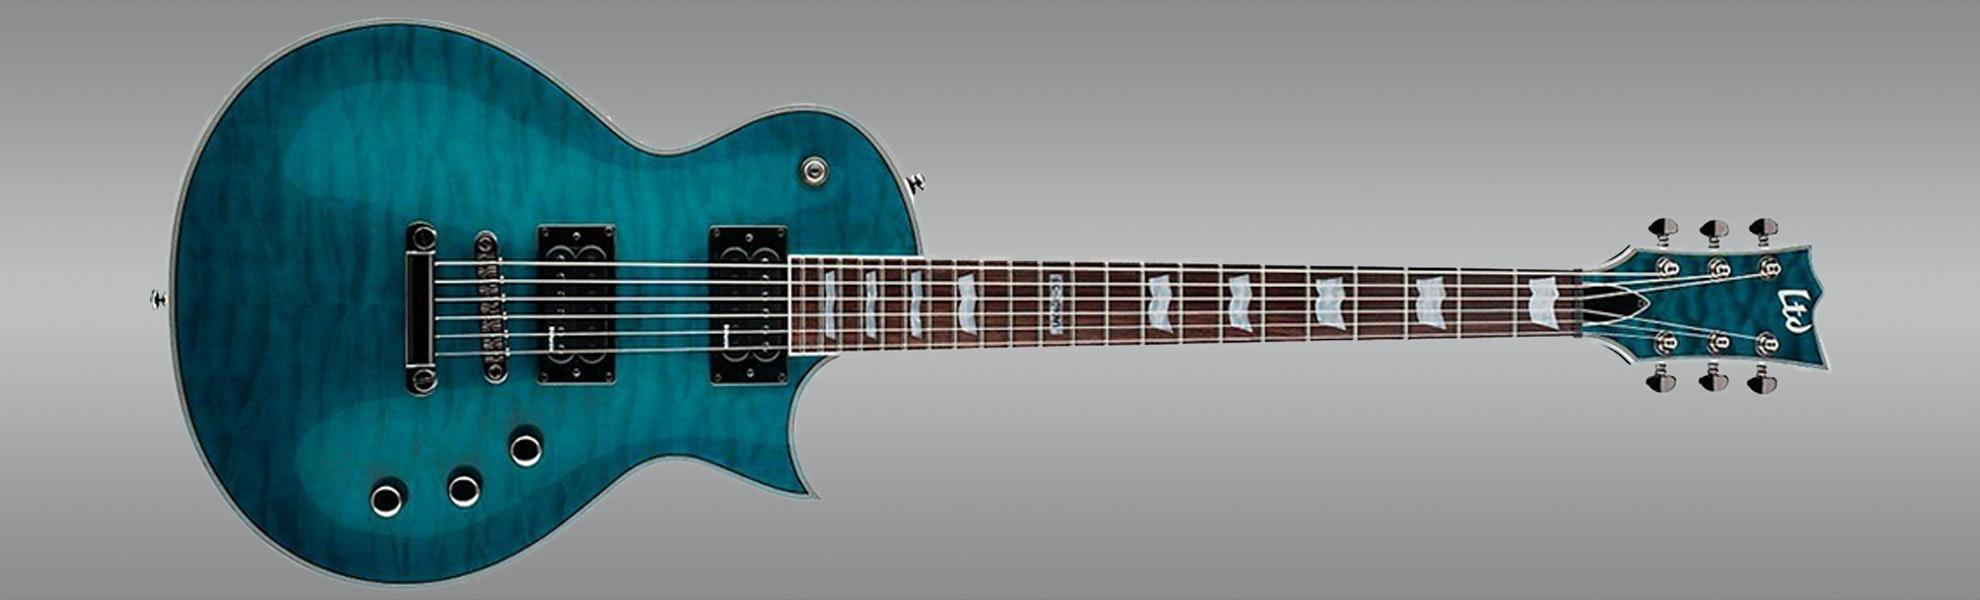 ESP LTD EC-401QMV See-Through Aqua Guitar